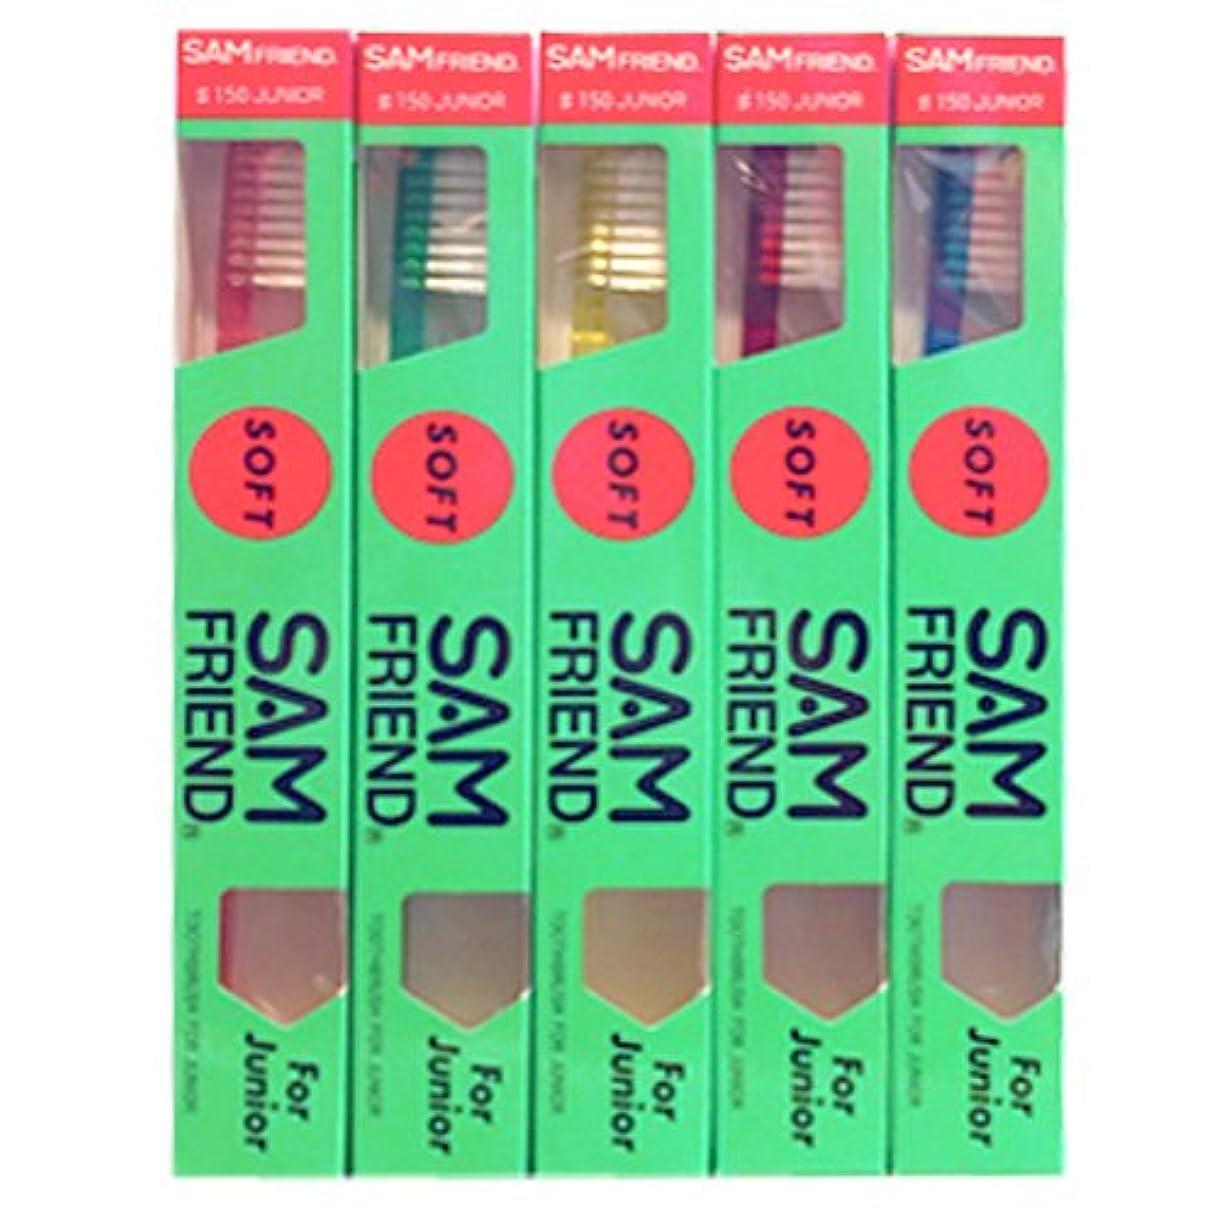 マルクス主義建築家チョップサムフレンド サムフレンド 歯ブラシ #150ジュニア 5色セット 6~12才用 歯並びが複雑で汚れやすい小さな口 ソフト